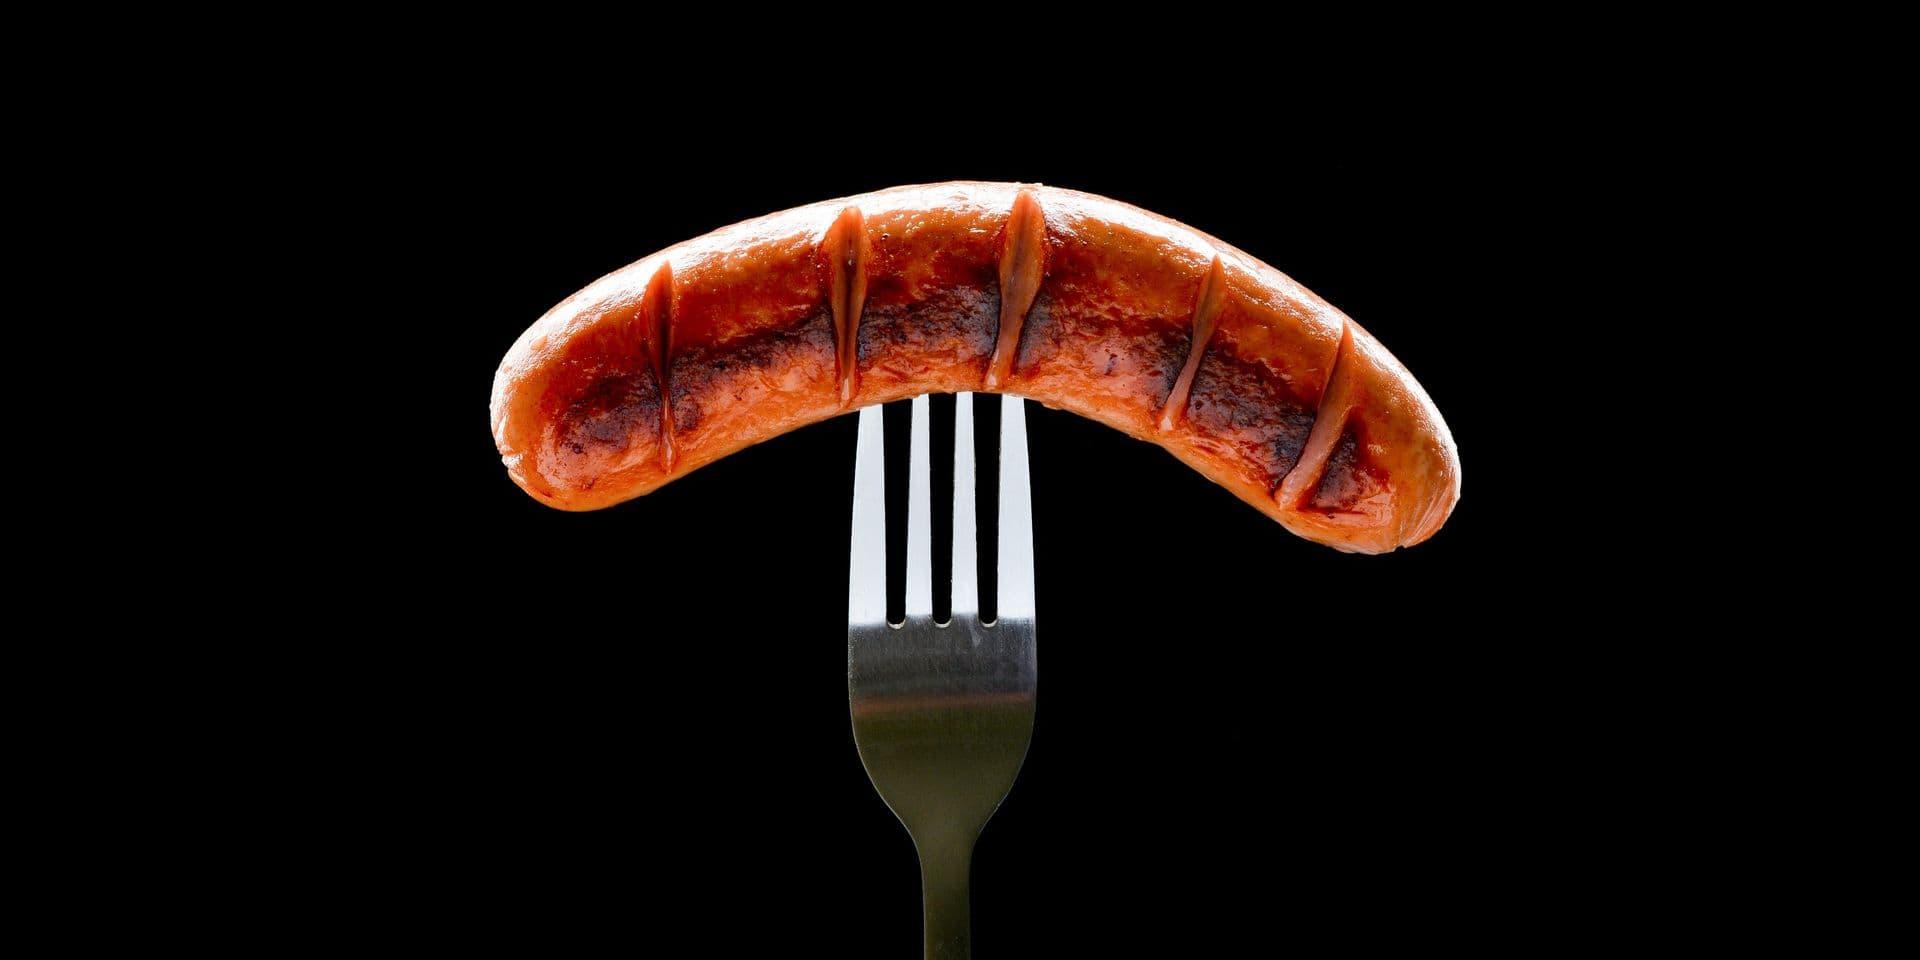 Un cambriolage résolu grâce à une saucisse à moitié mangée